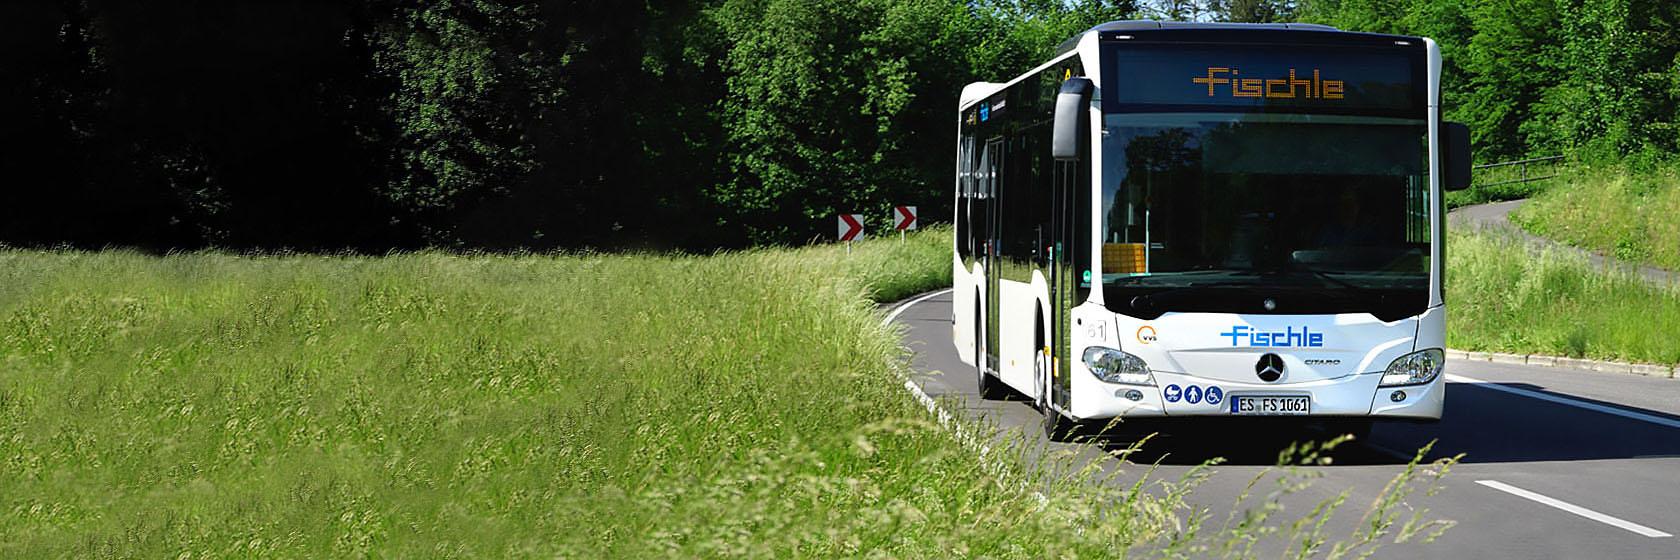 Fischle-Start-feld-bus.jpg